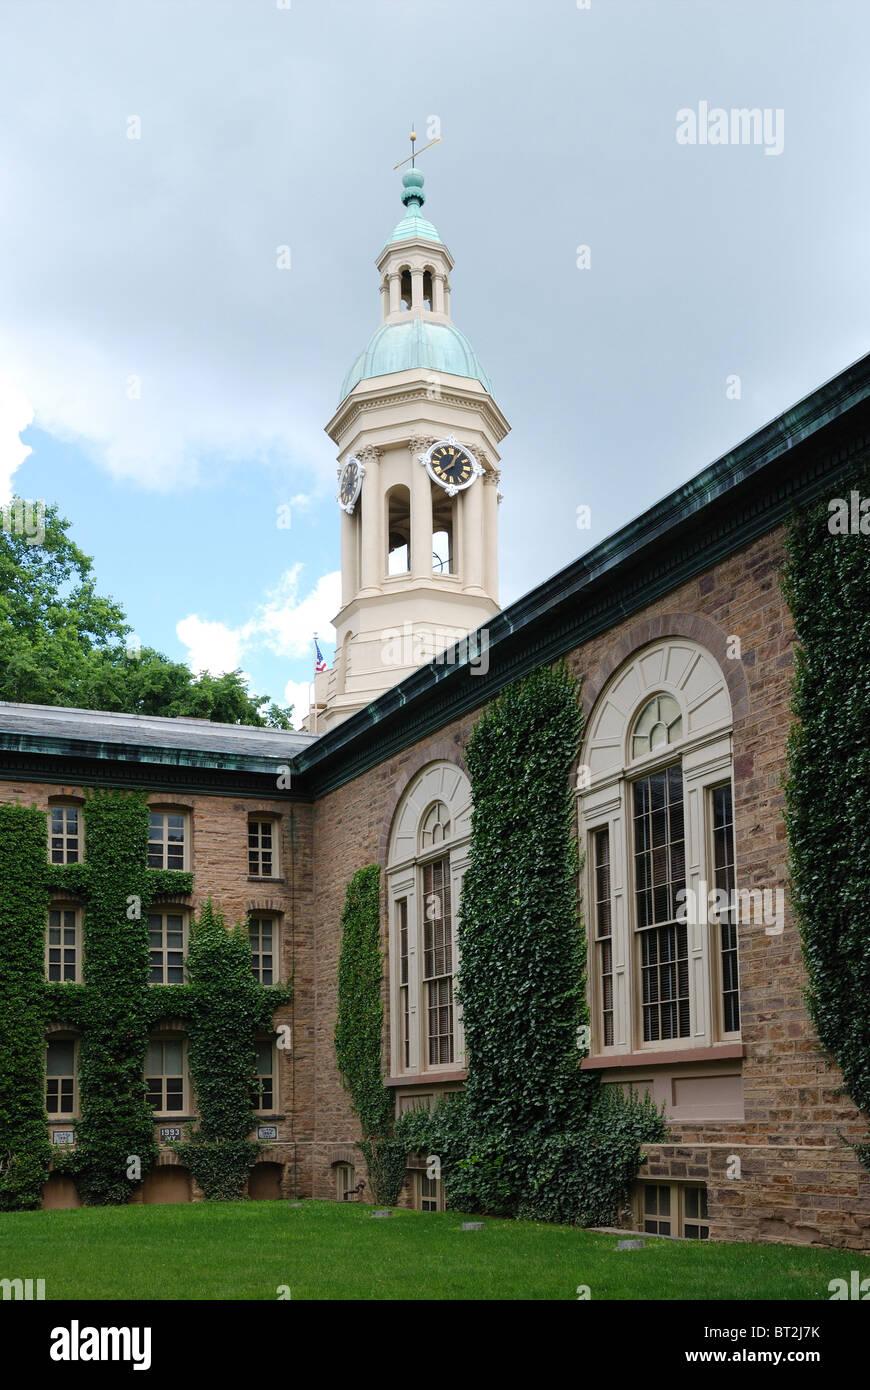 Antiguo edificio de piedra está hermanada con hiedra en el campus de la Universidad de Princeton. Imagen De Stock